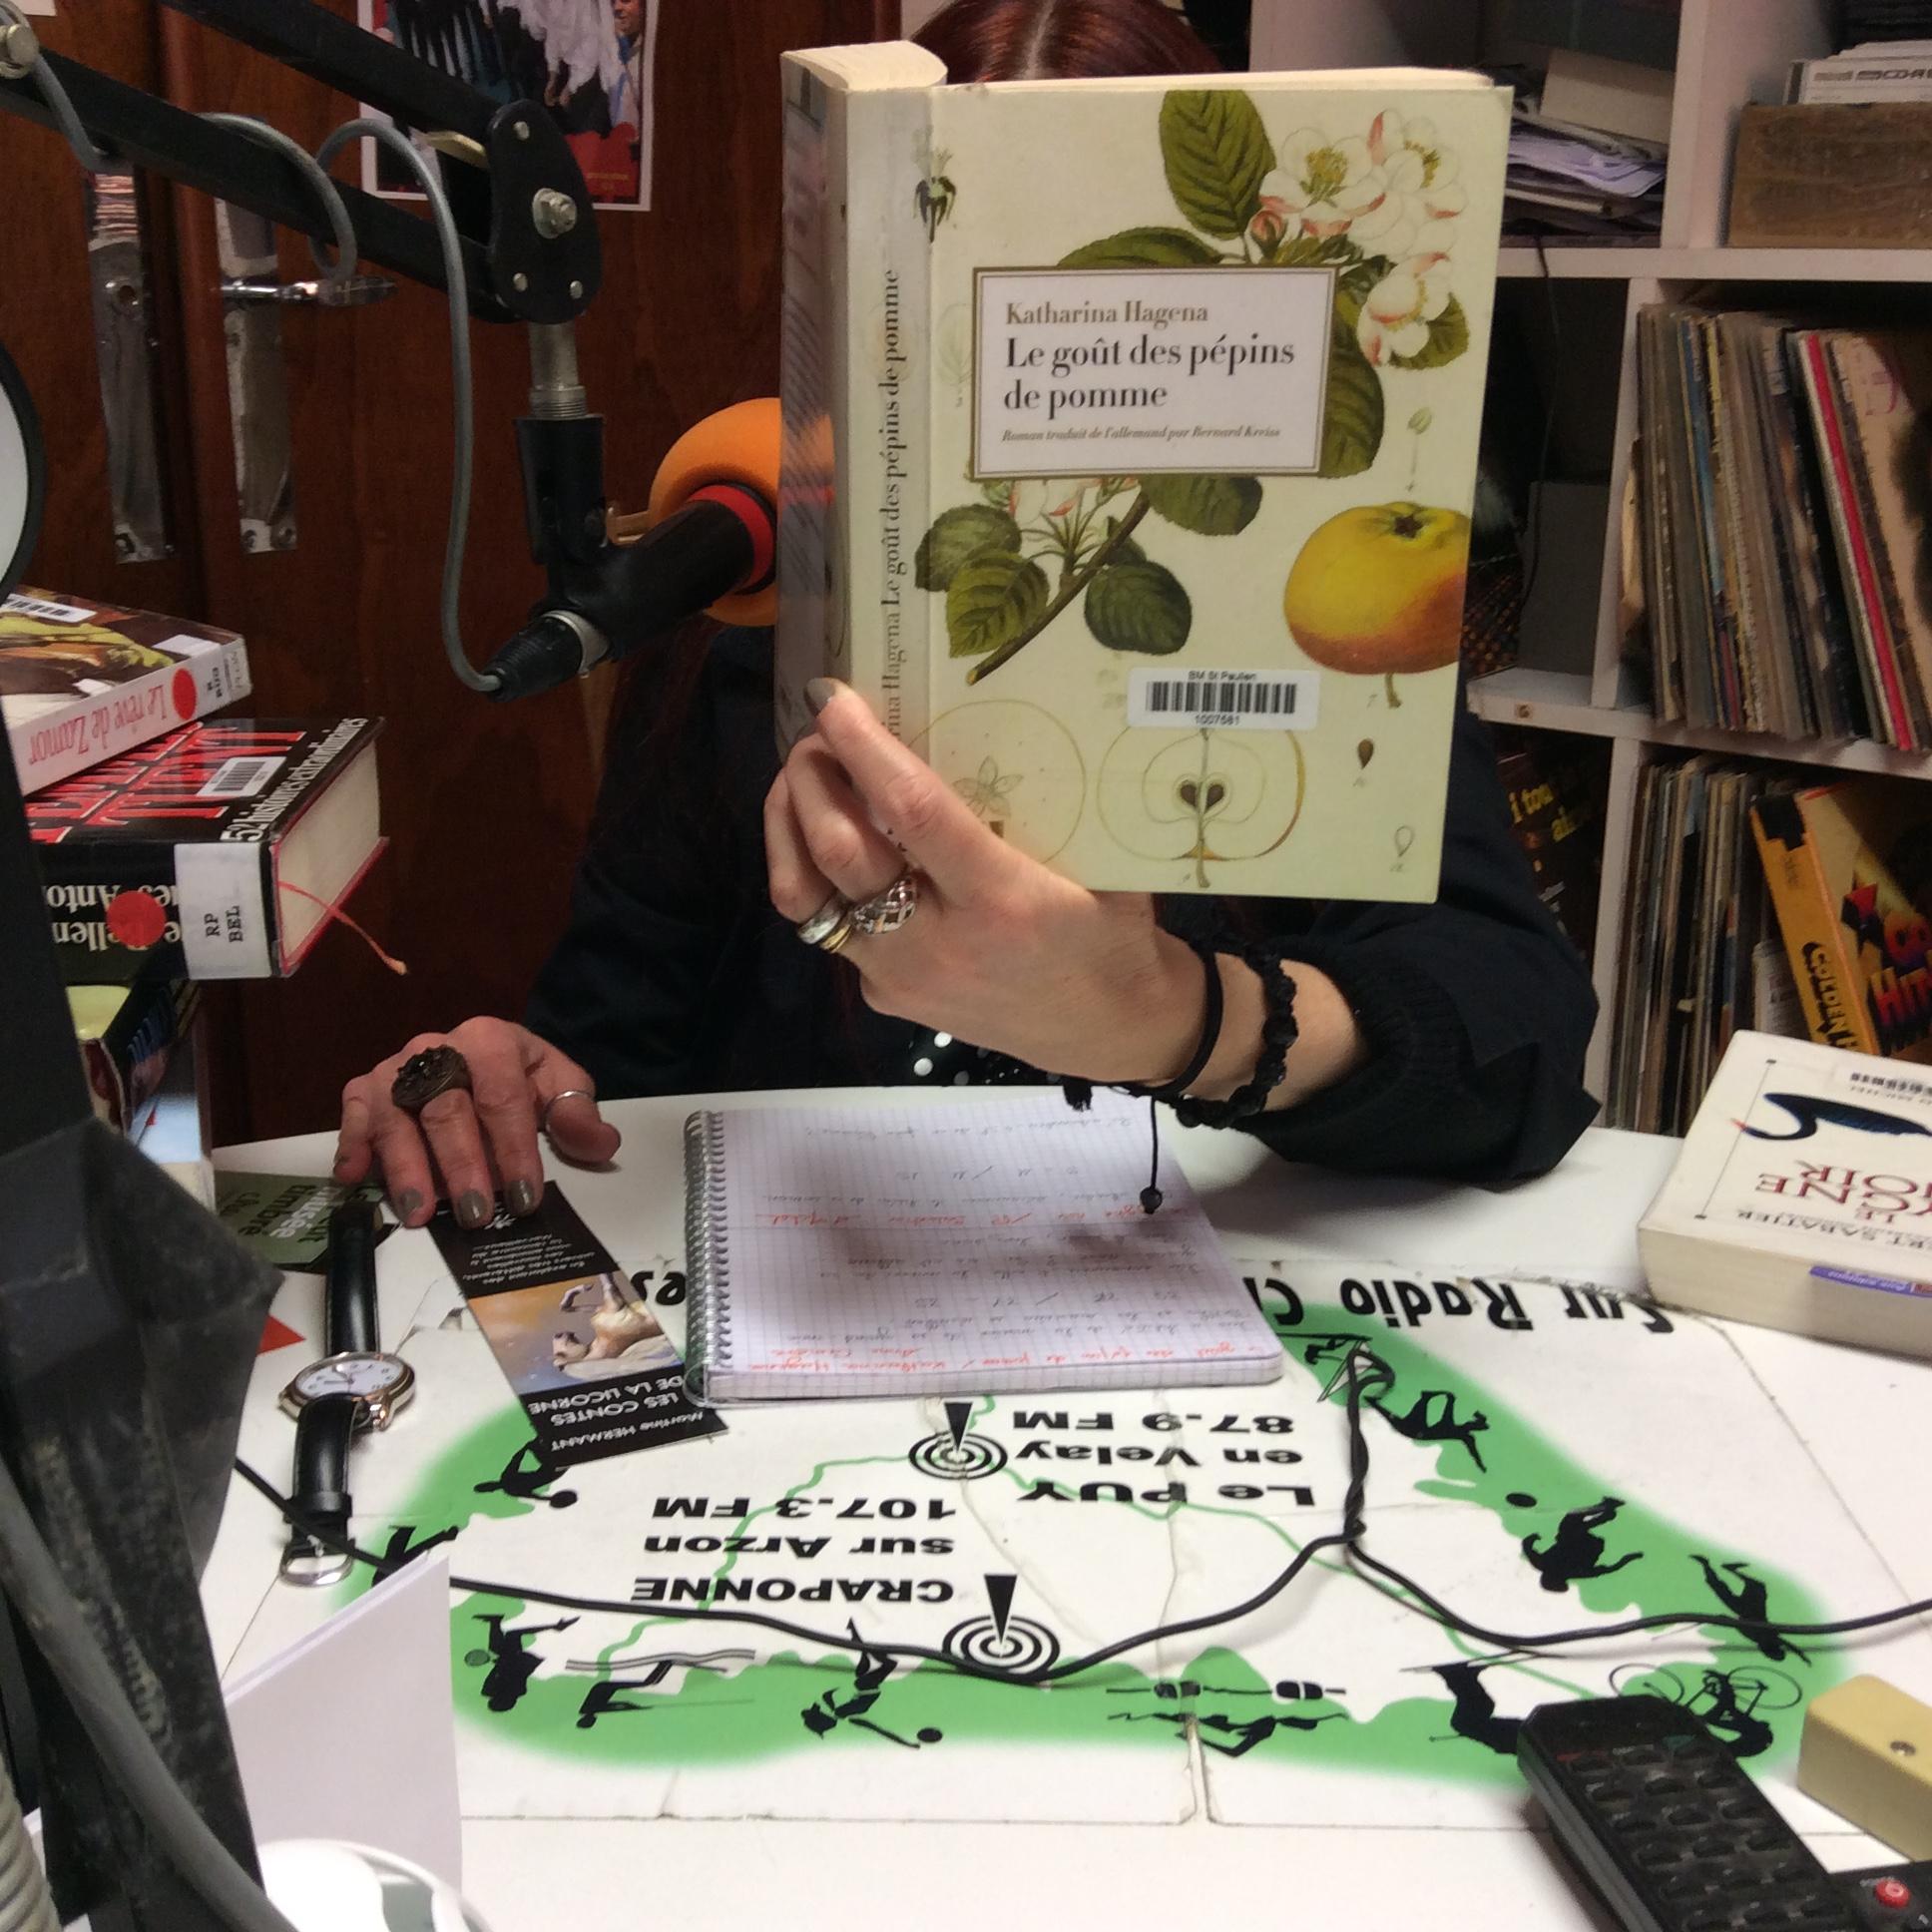 un livre par semaine le gout des pepins de pomme Katharina Hagena 12/02/17